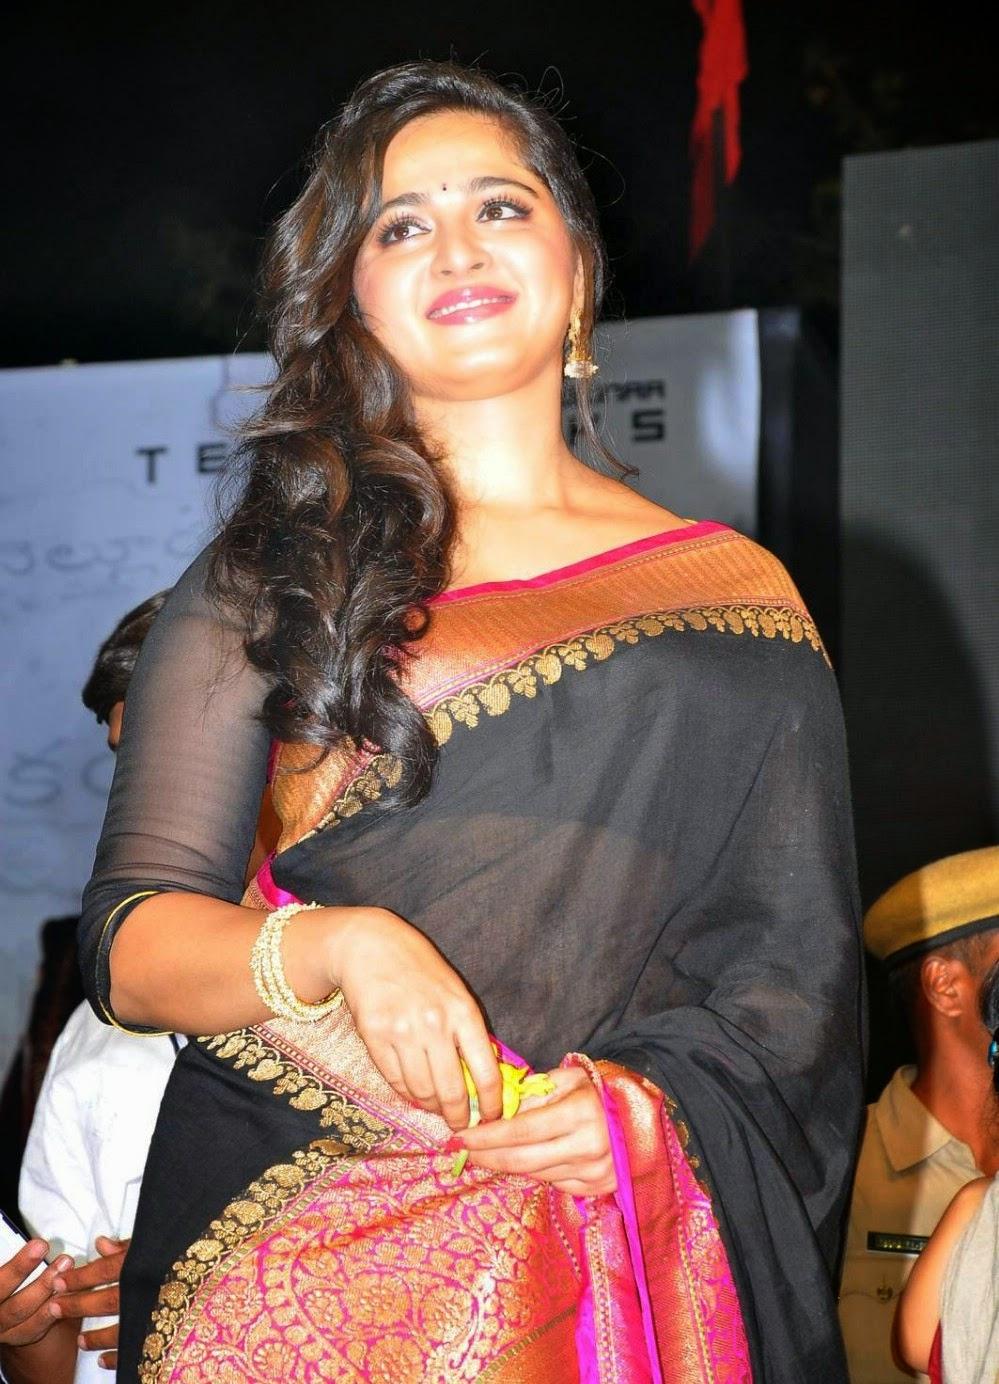 Anushka Shetty cure pics